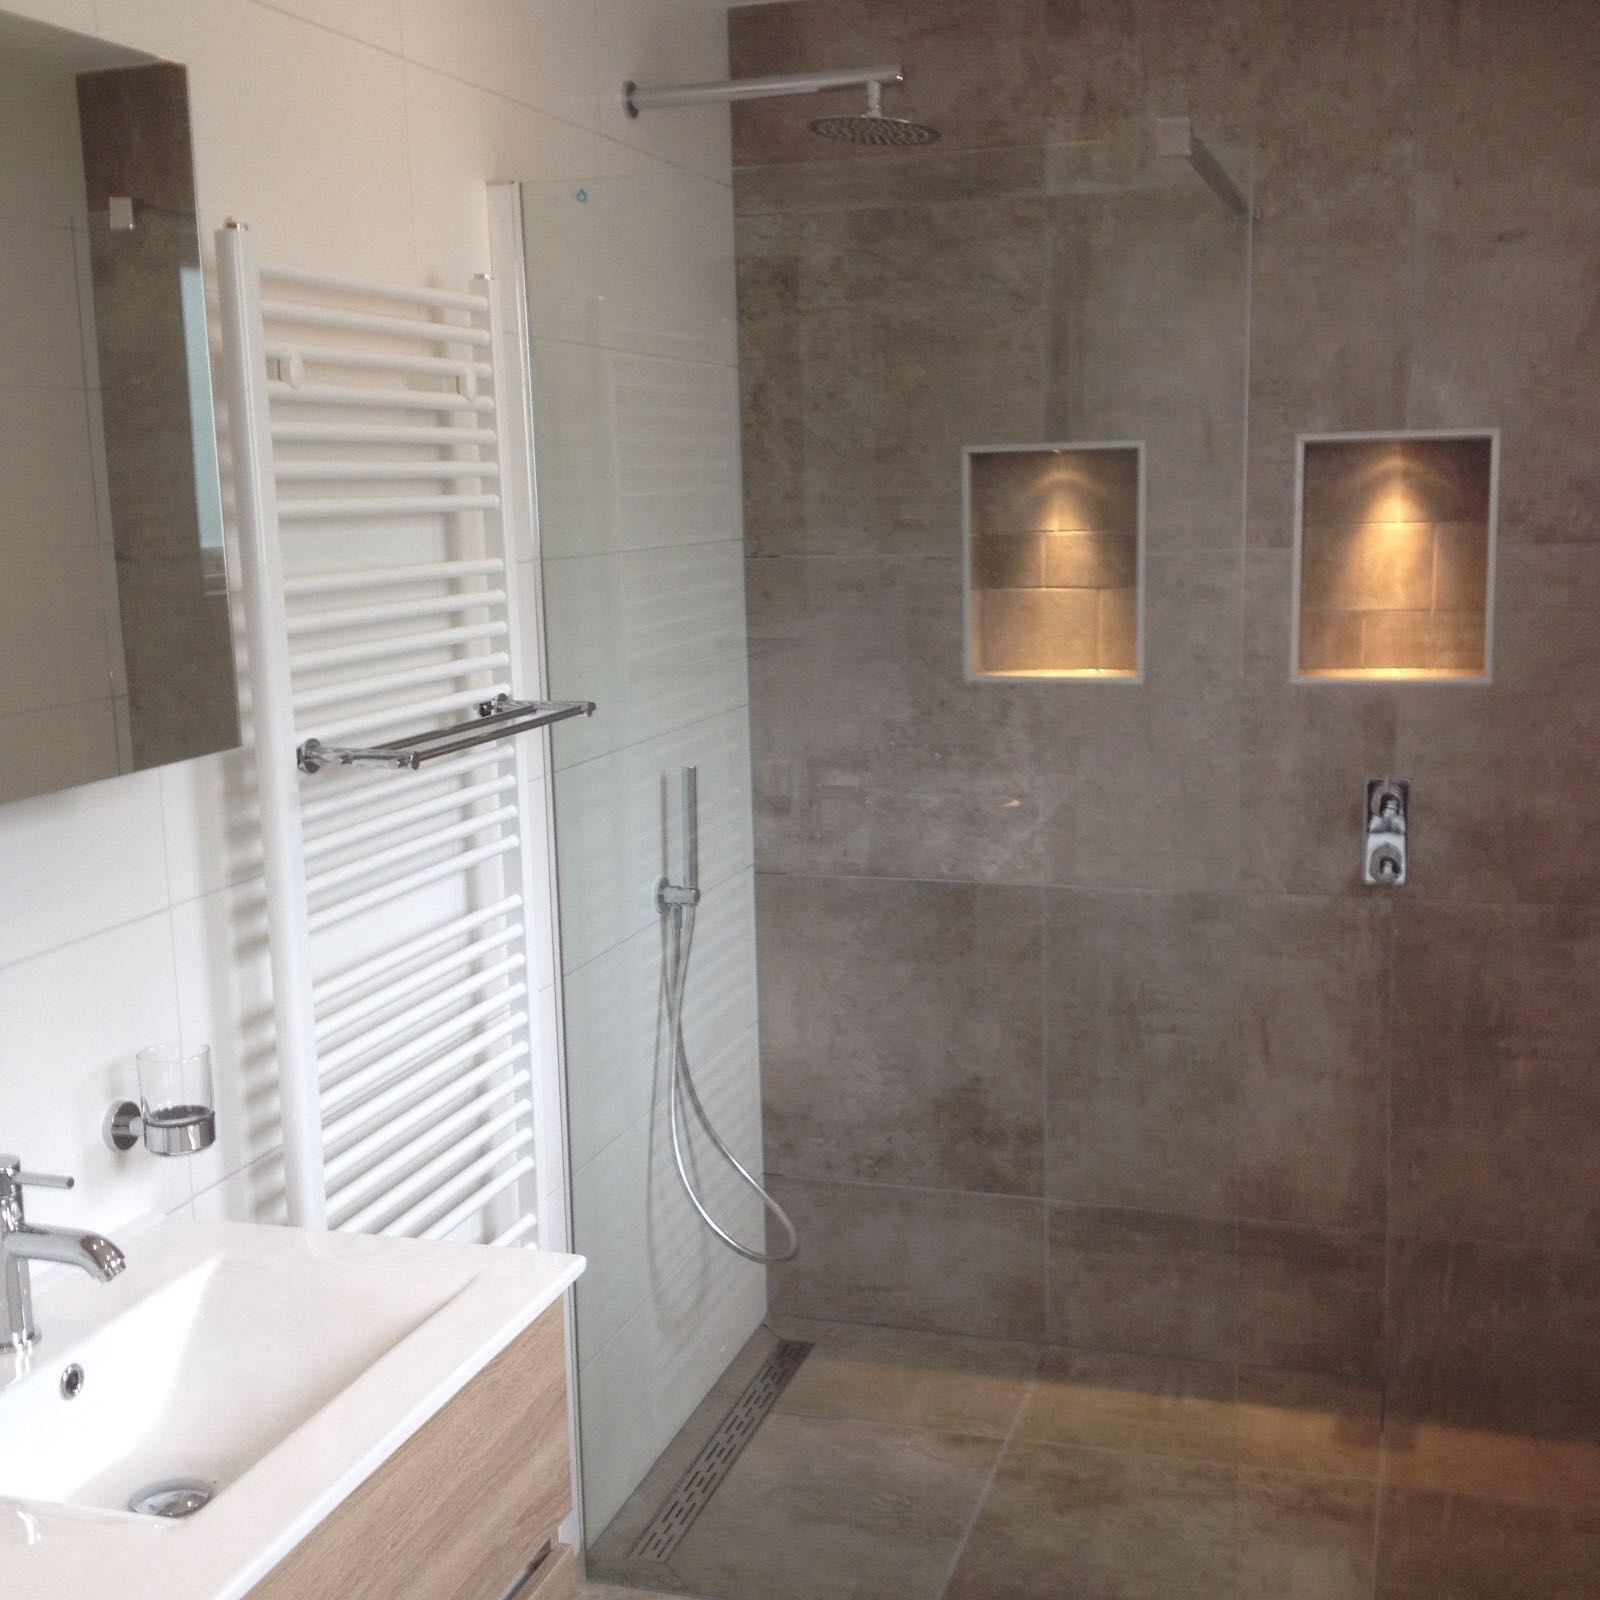 de badkamer voor de familie sijtsma heeft een natuurlijke